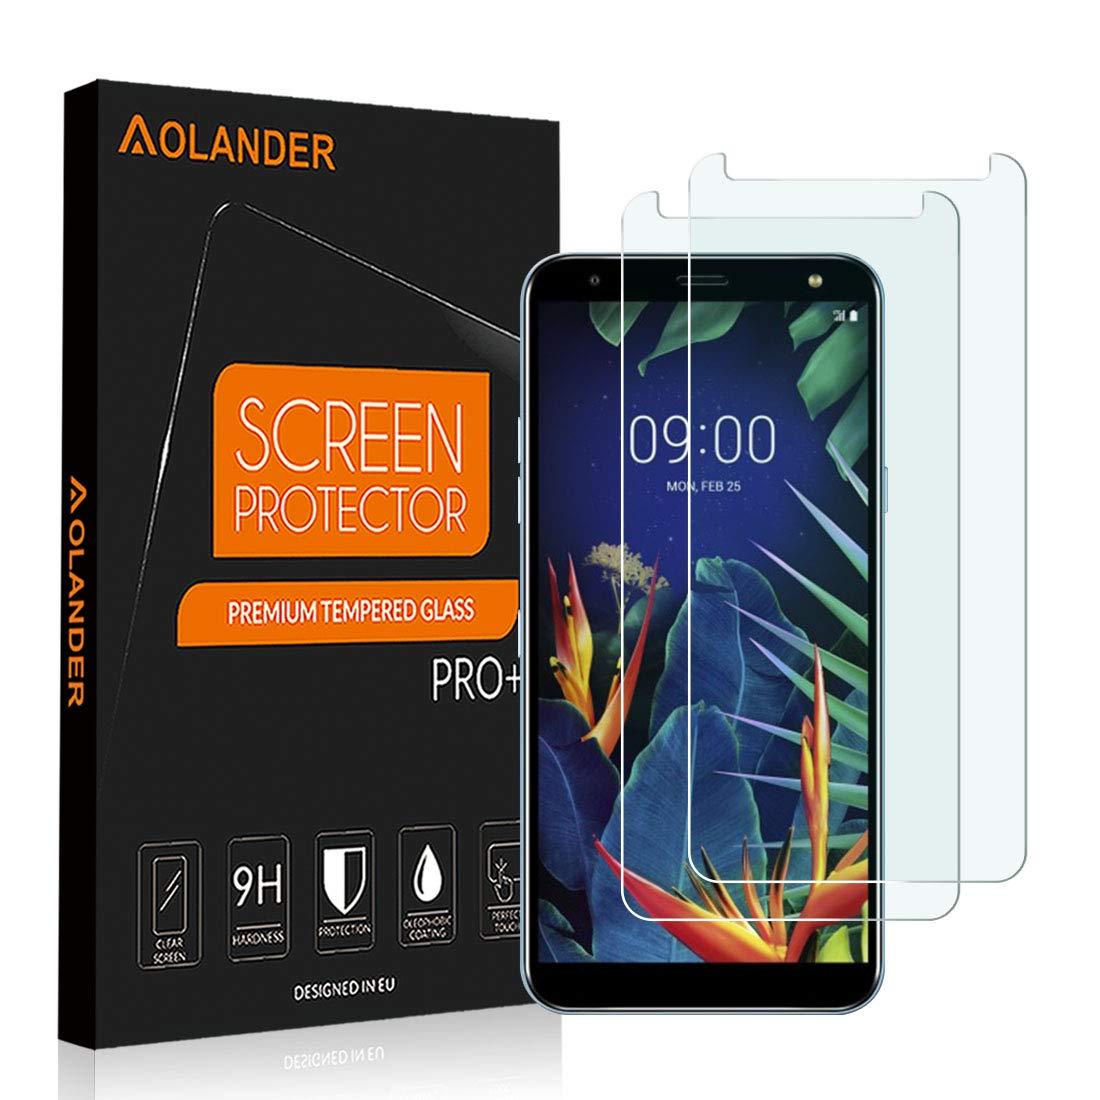 Vidrio Templado para LG K40 AOLANDER [2 Unidades]